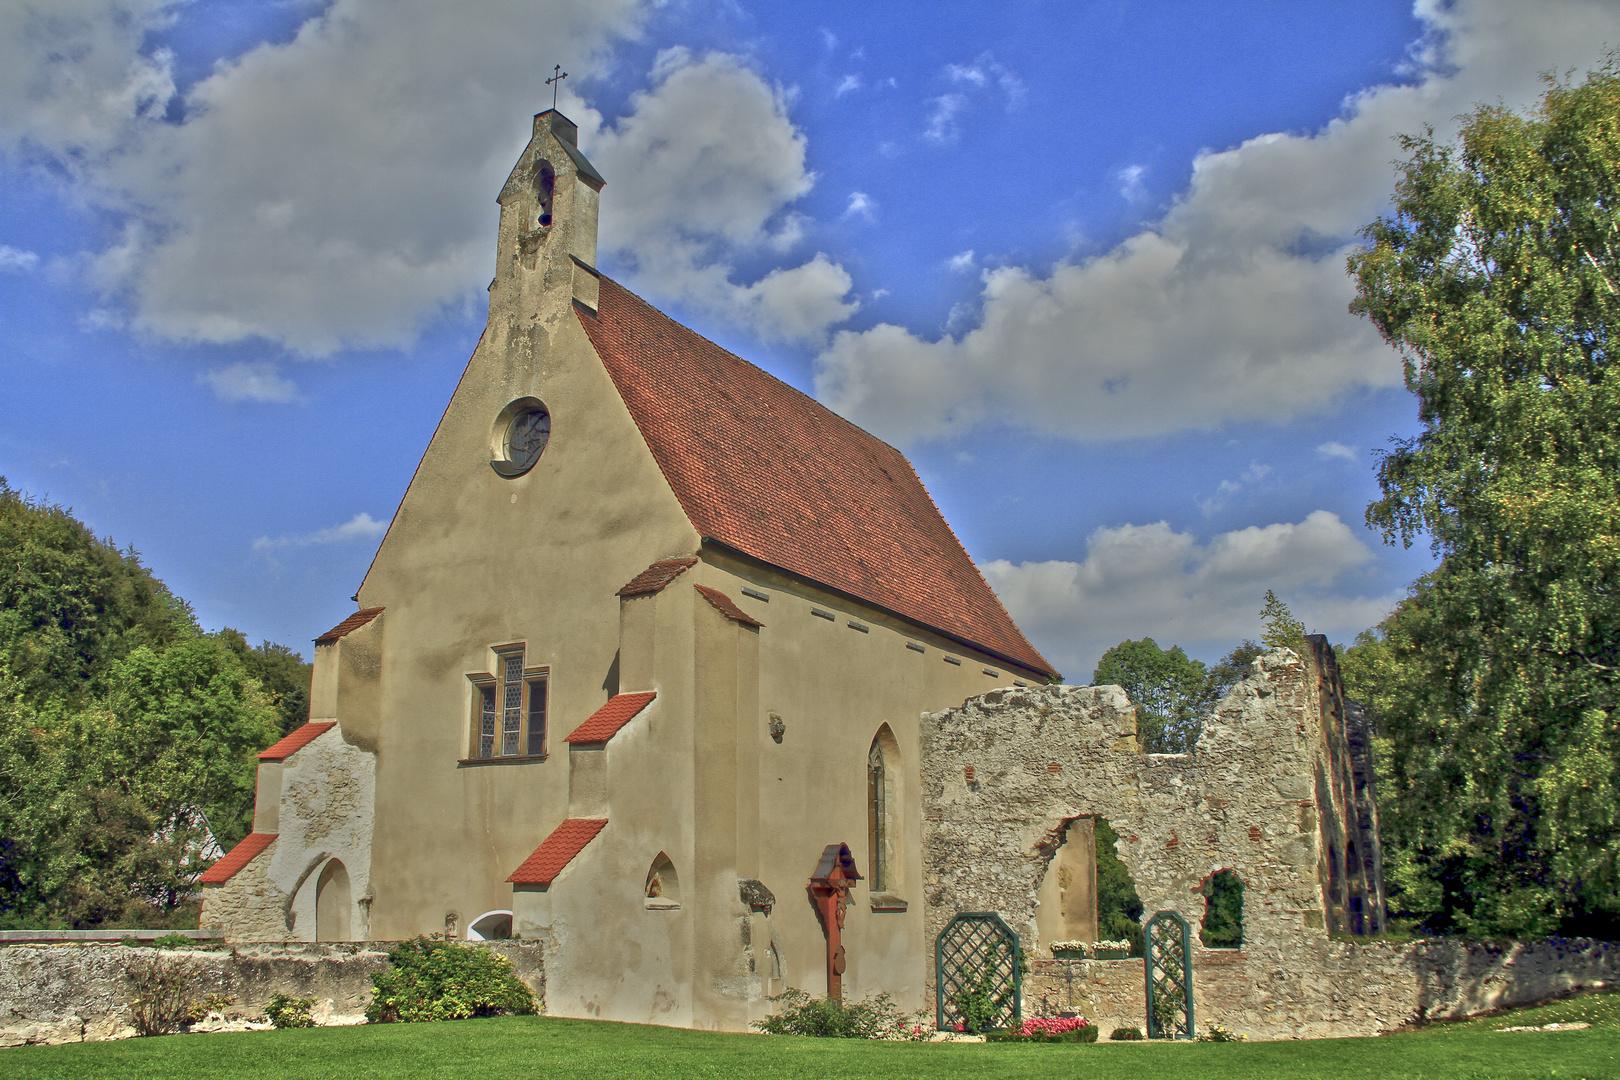 fürstliche Kapelle Christgarten, Donau Ries, diesmal in HDR-Tonung